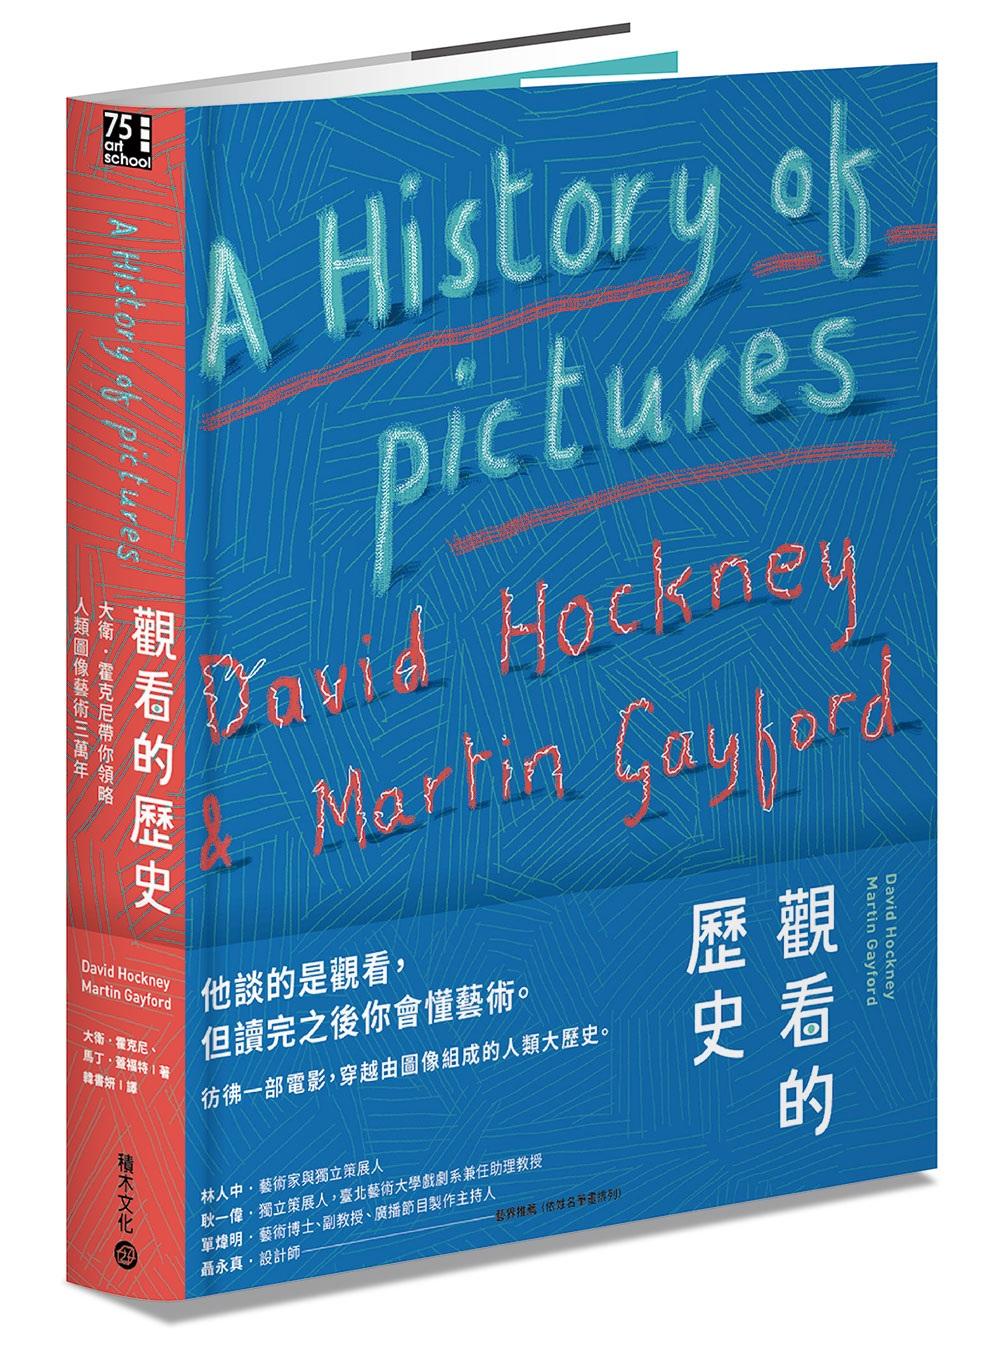 觀看的歷史:大衛.霍克尼帶你領略人類圖像藝術三萬年